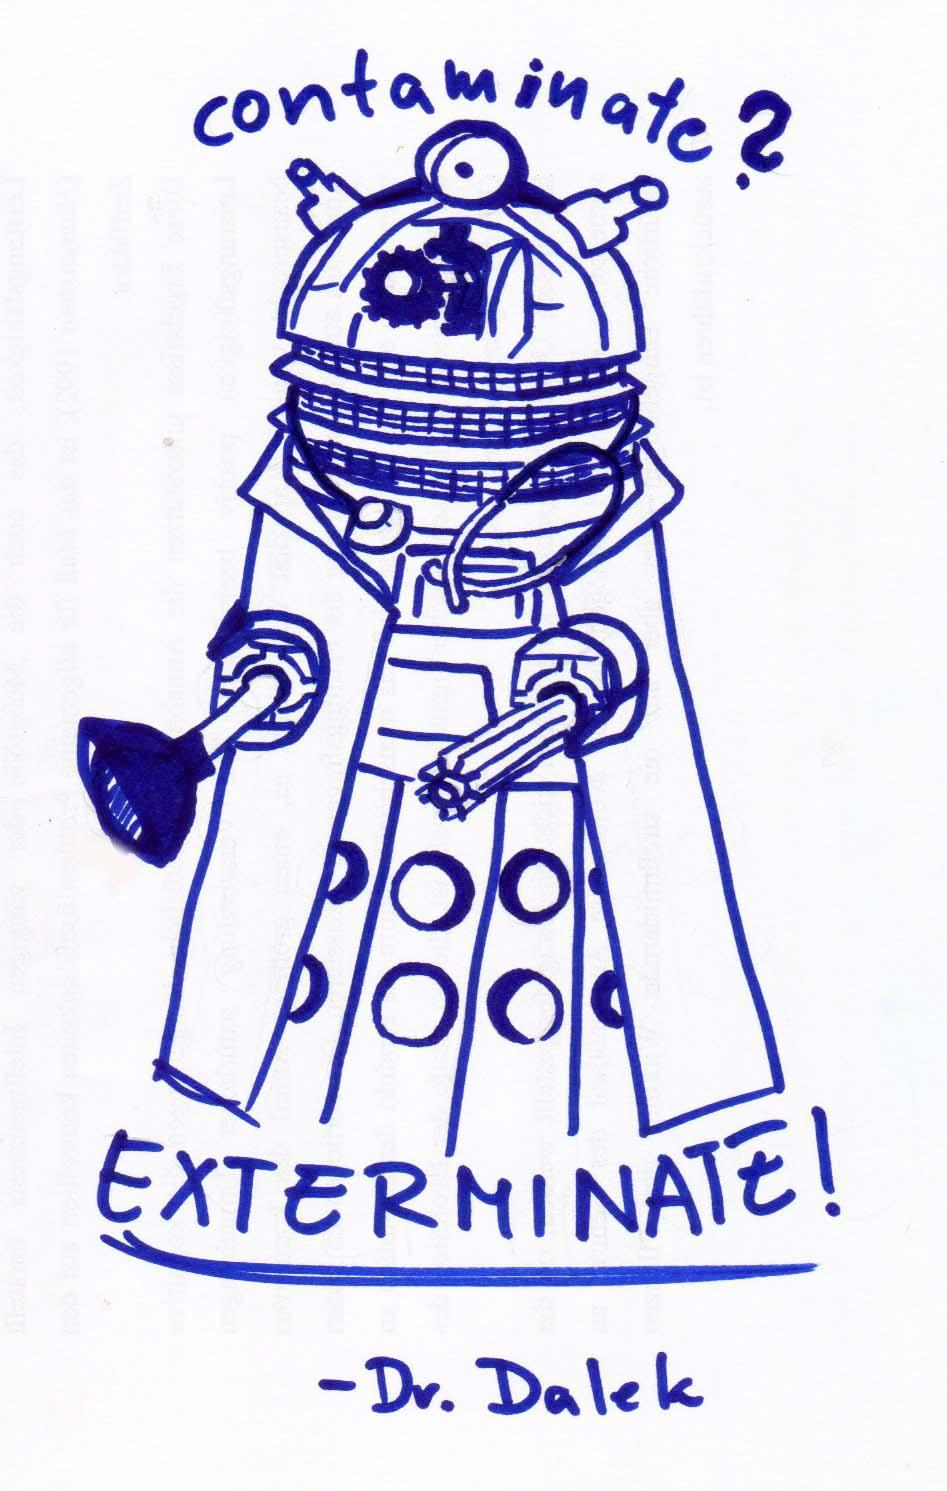 Doctor Dalek